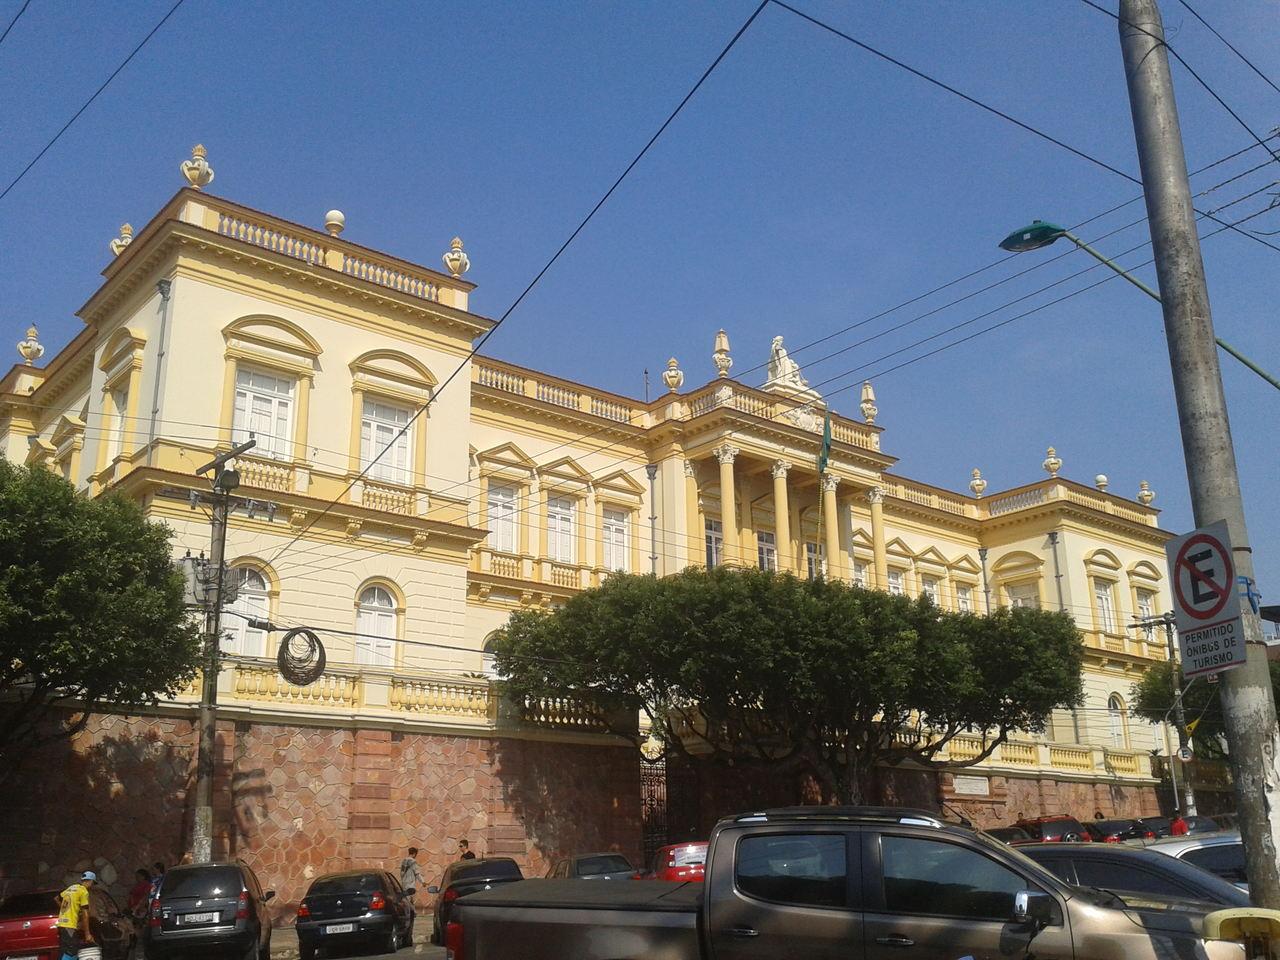 Palácio da Justiça - Largo de São Sebastião - Manaus